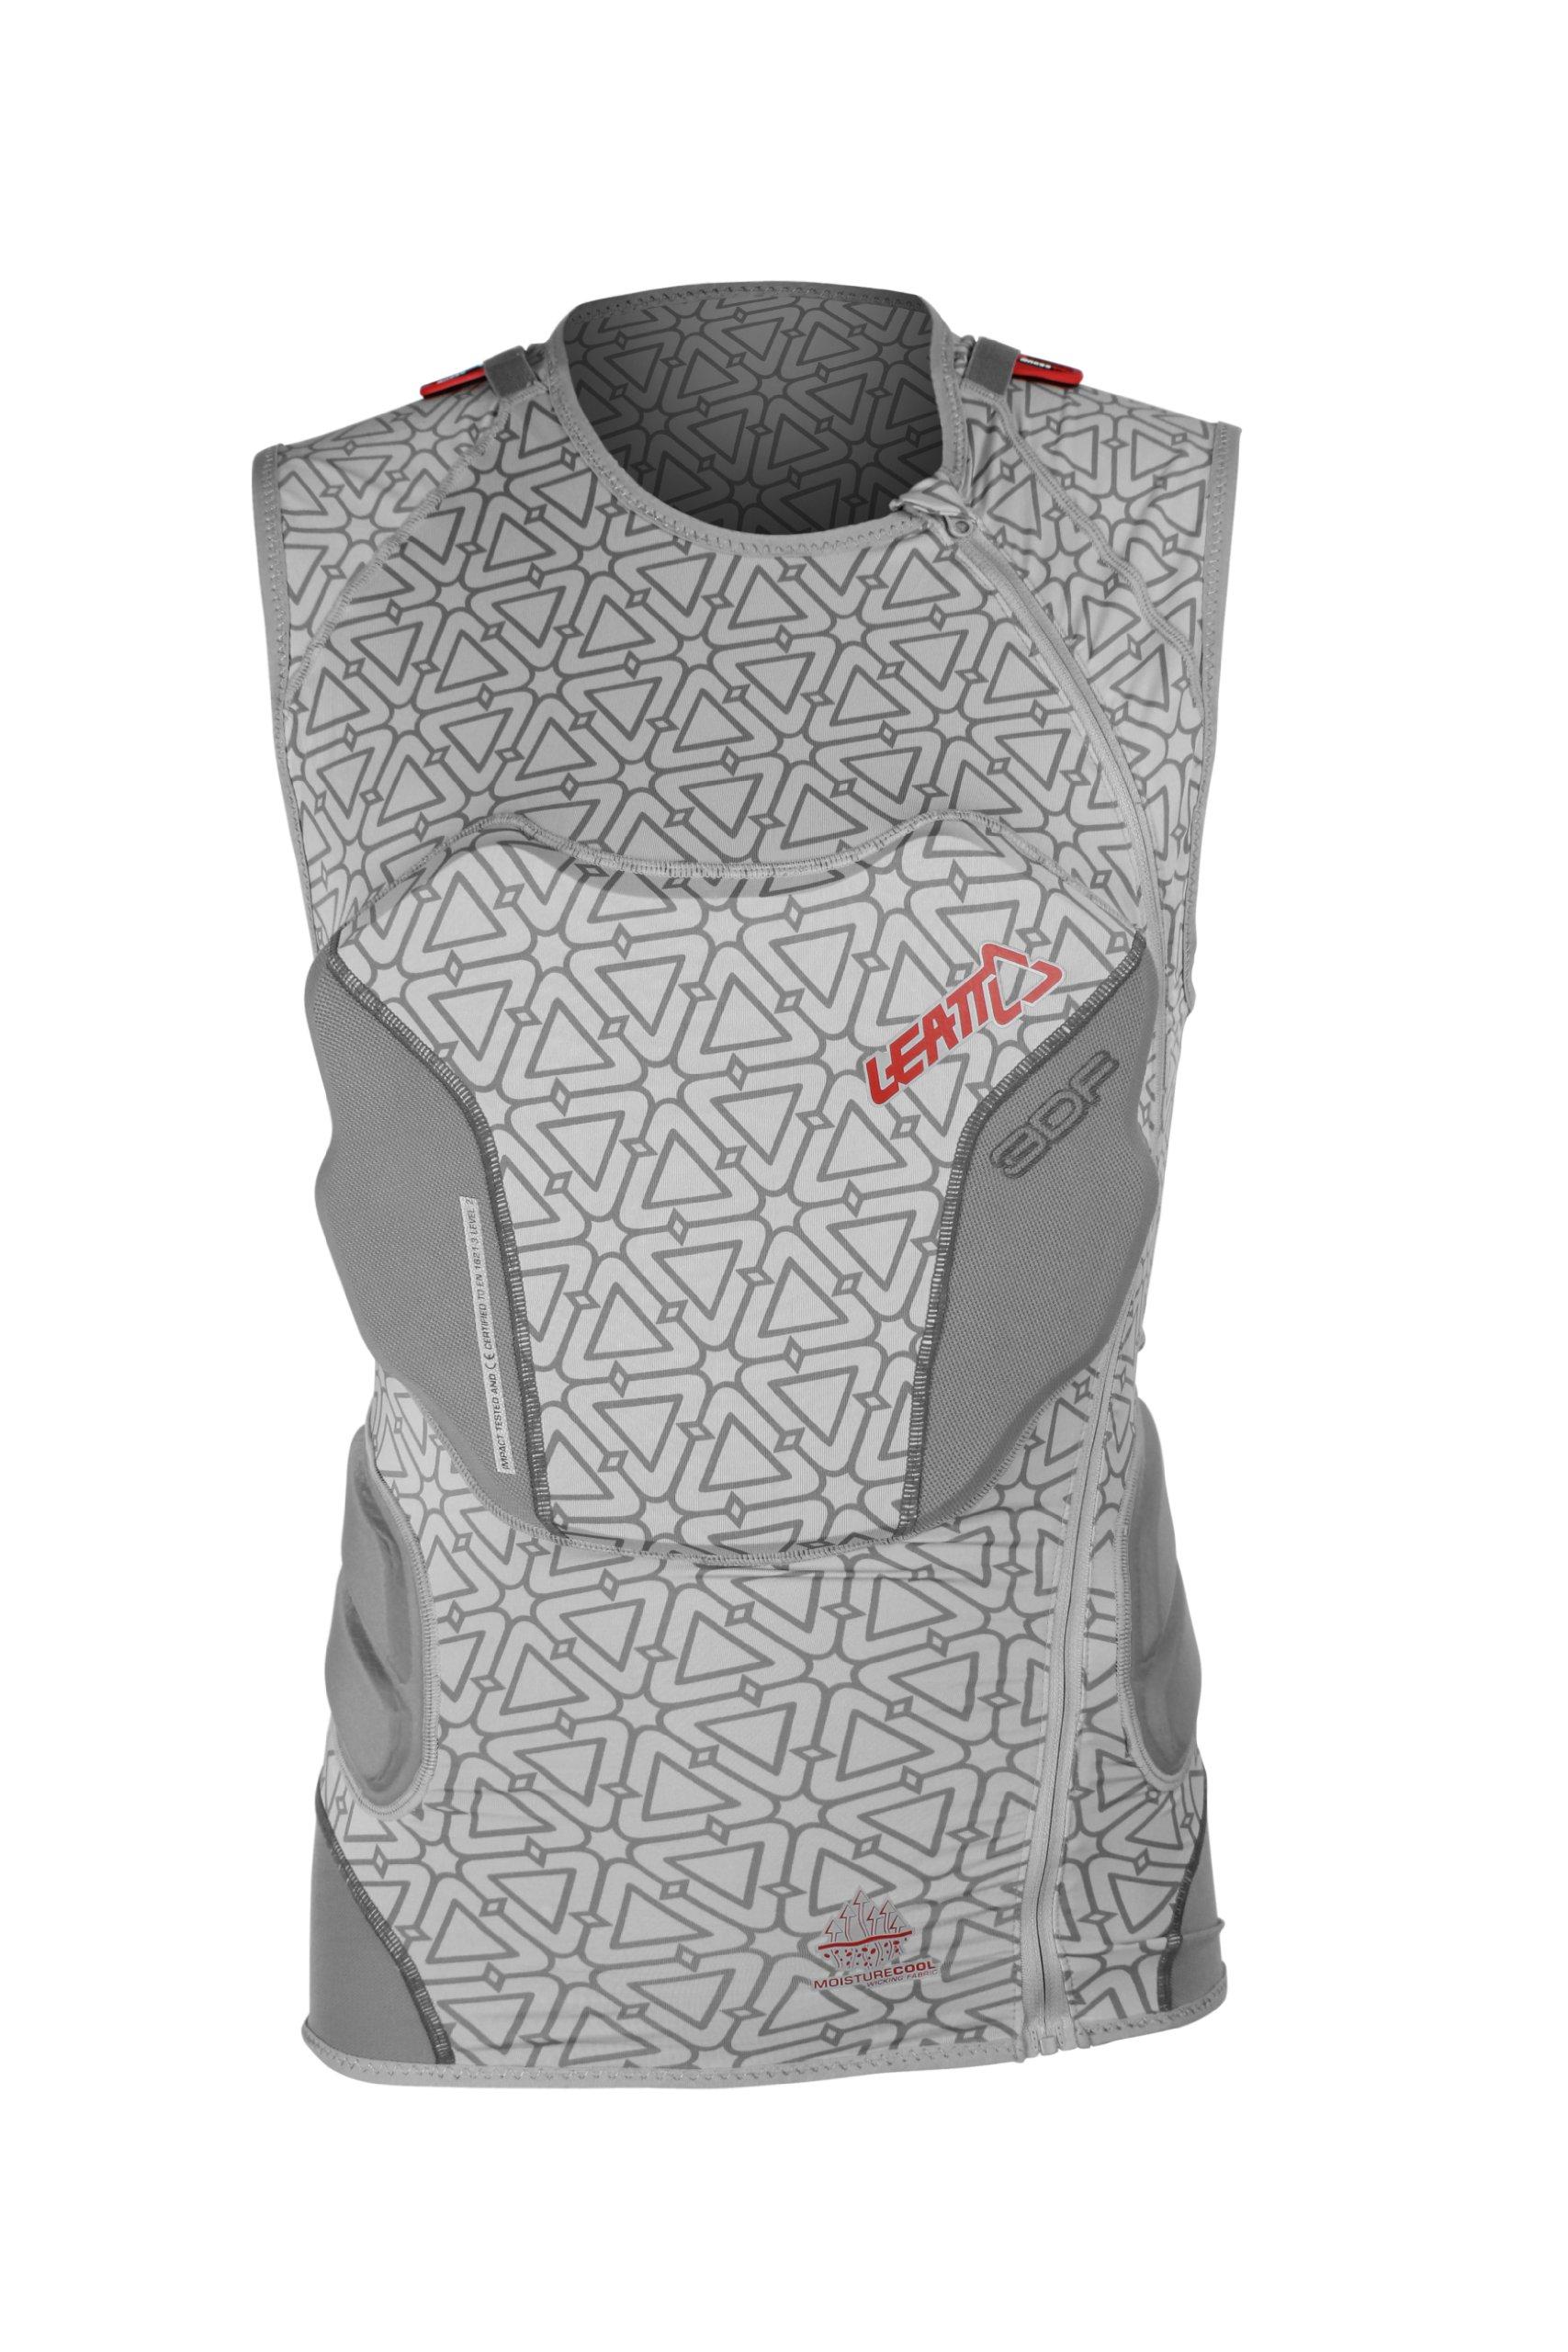 Leatt 3DF Body Vest (Black, Small/Medium)